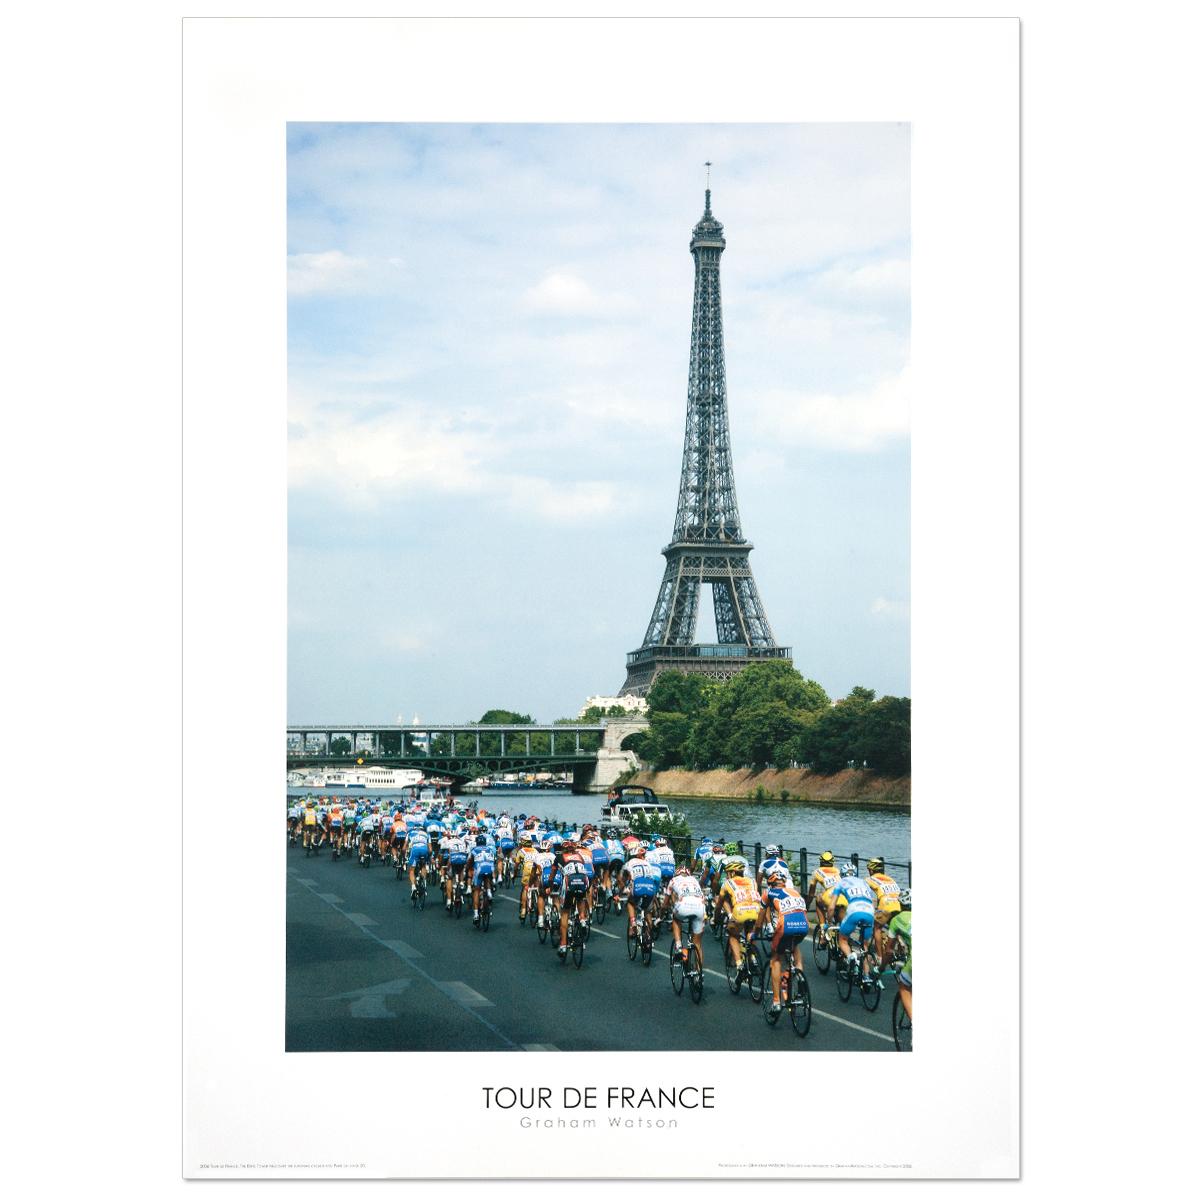 2006 Tour de France - Eiffel Tower Poster